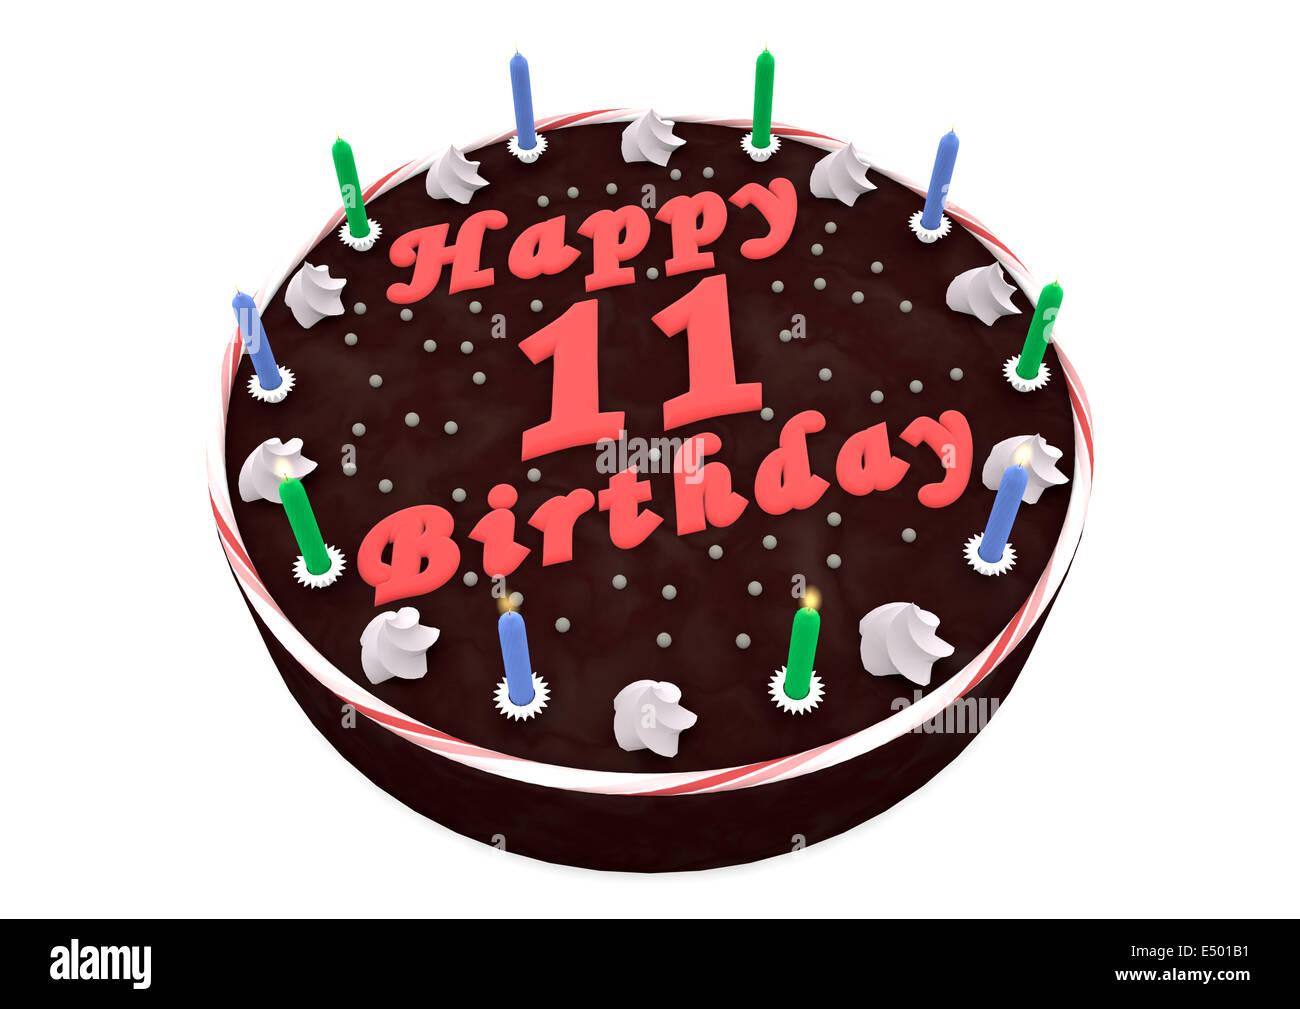 Chocolate Cake 11th Birthday Stock Photos Chocolate Cake 11th